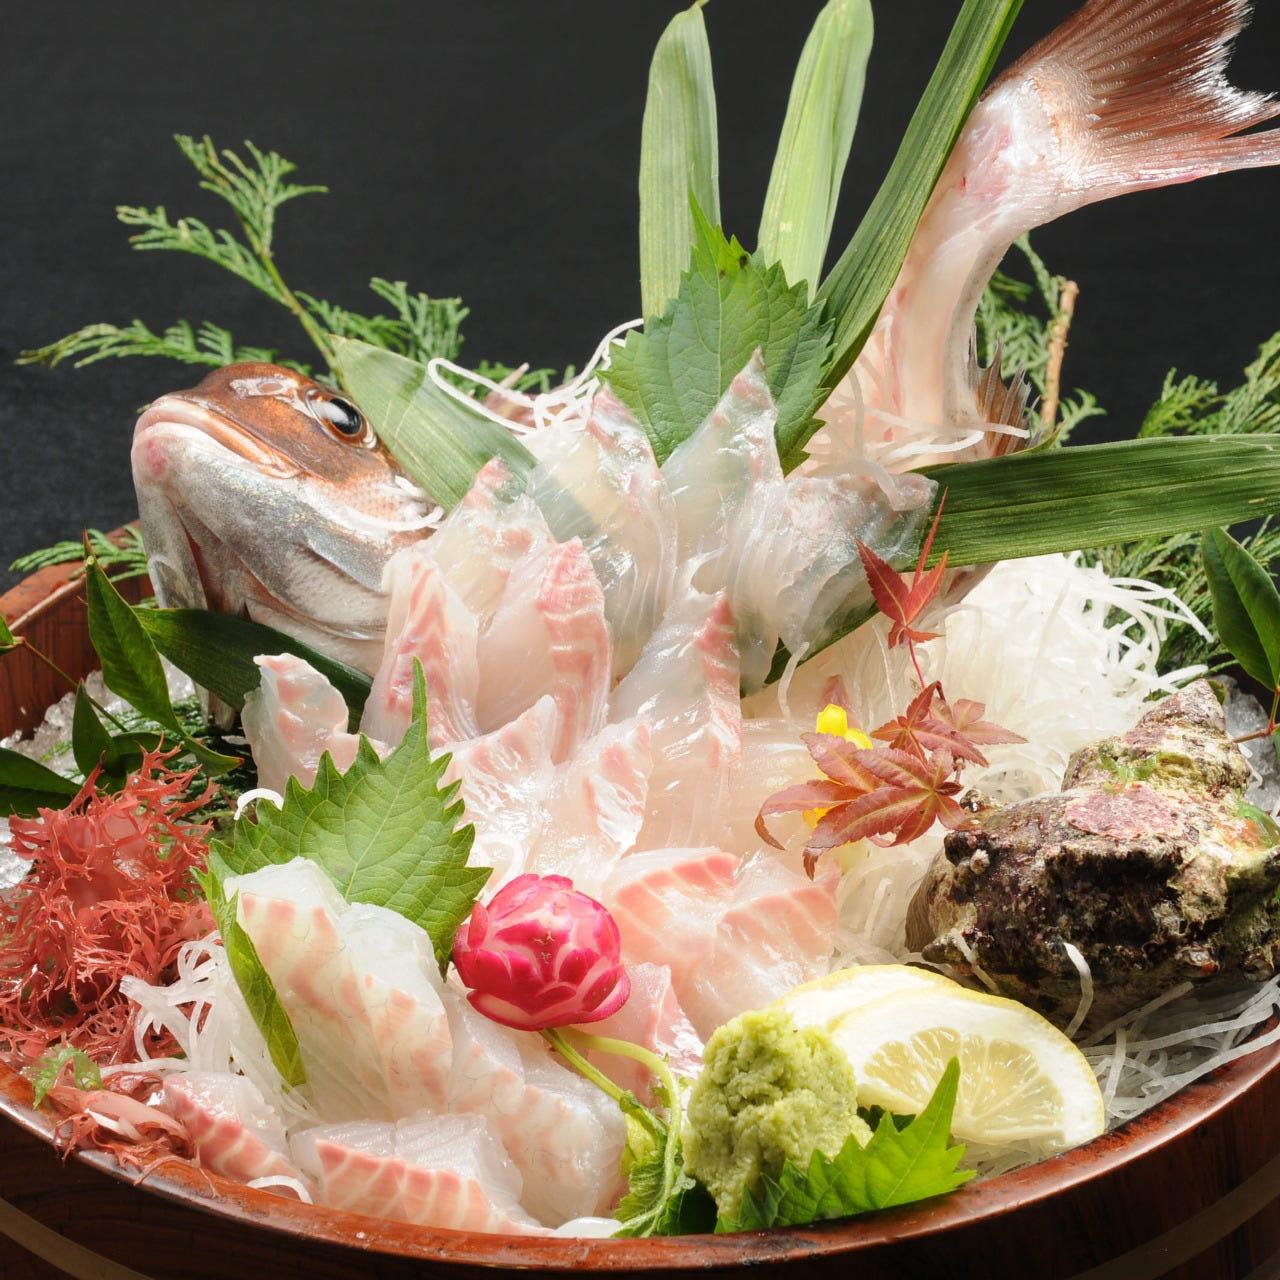 高級魚真鯛も釣ると安い!活刺で